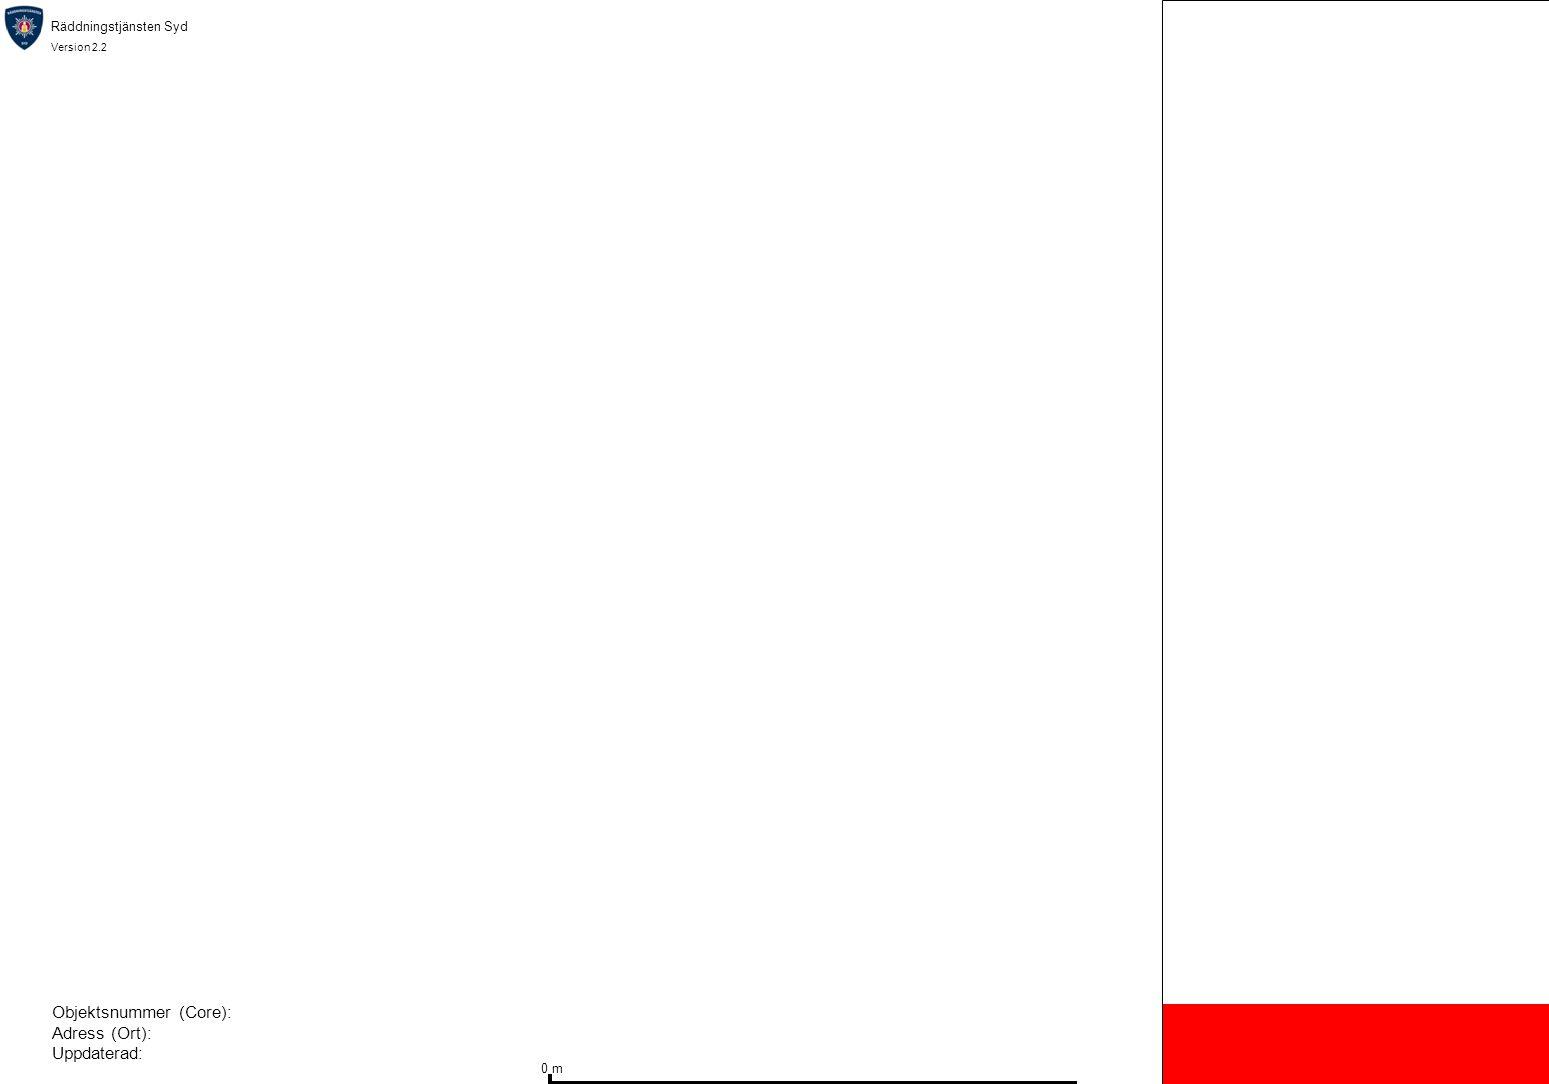 Räddningstjänsten Syd Version 2.2 0 m Objektsnummer (Core): Adress (Ort): Uppdaterad: